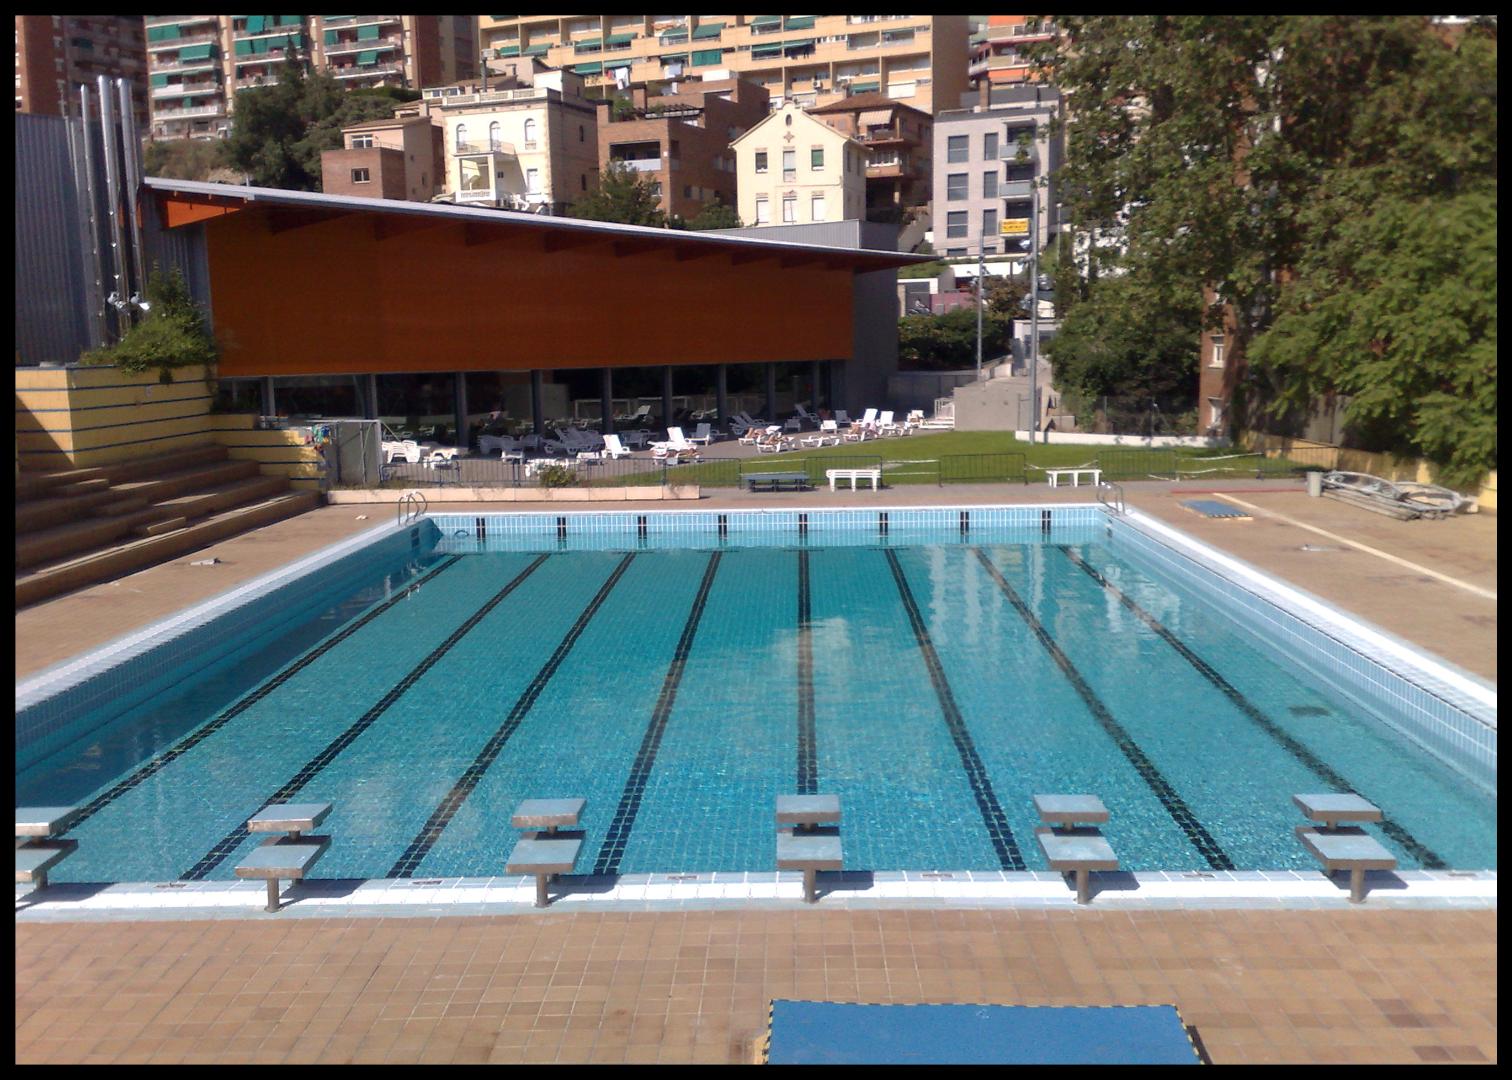 Club Natació Catalunya